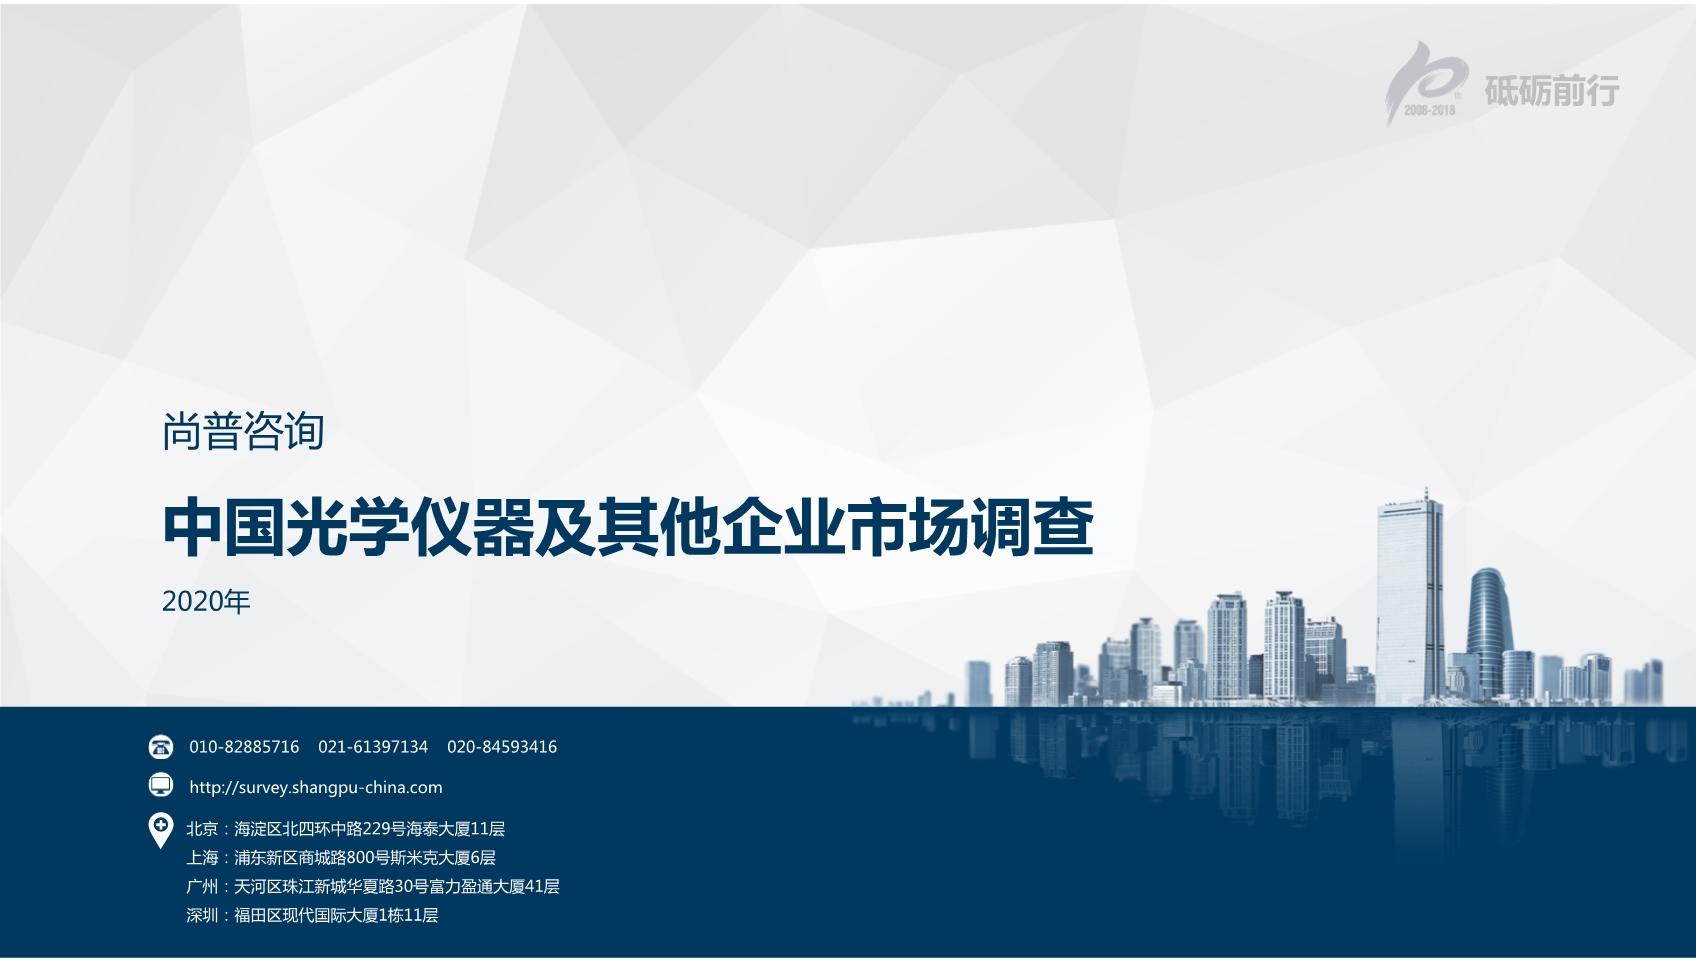 尚普咨询:2020年中国光学仪器及其他企业市场调查